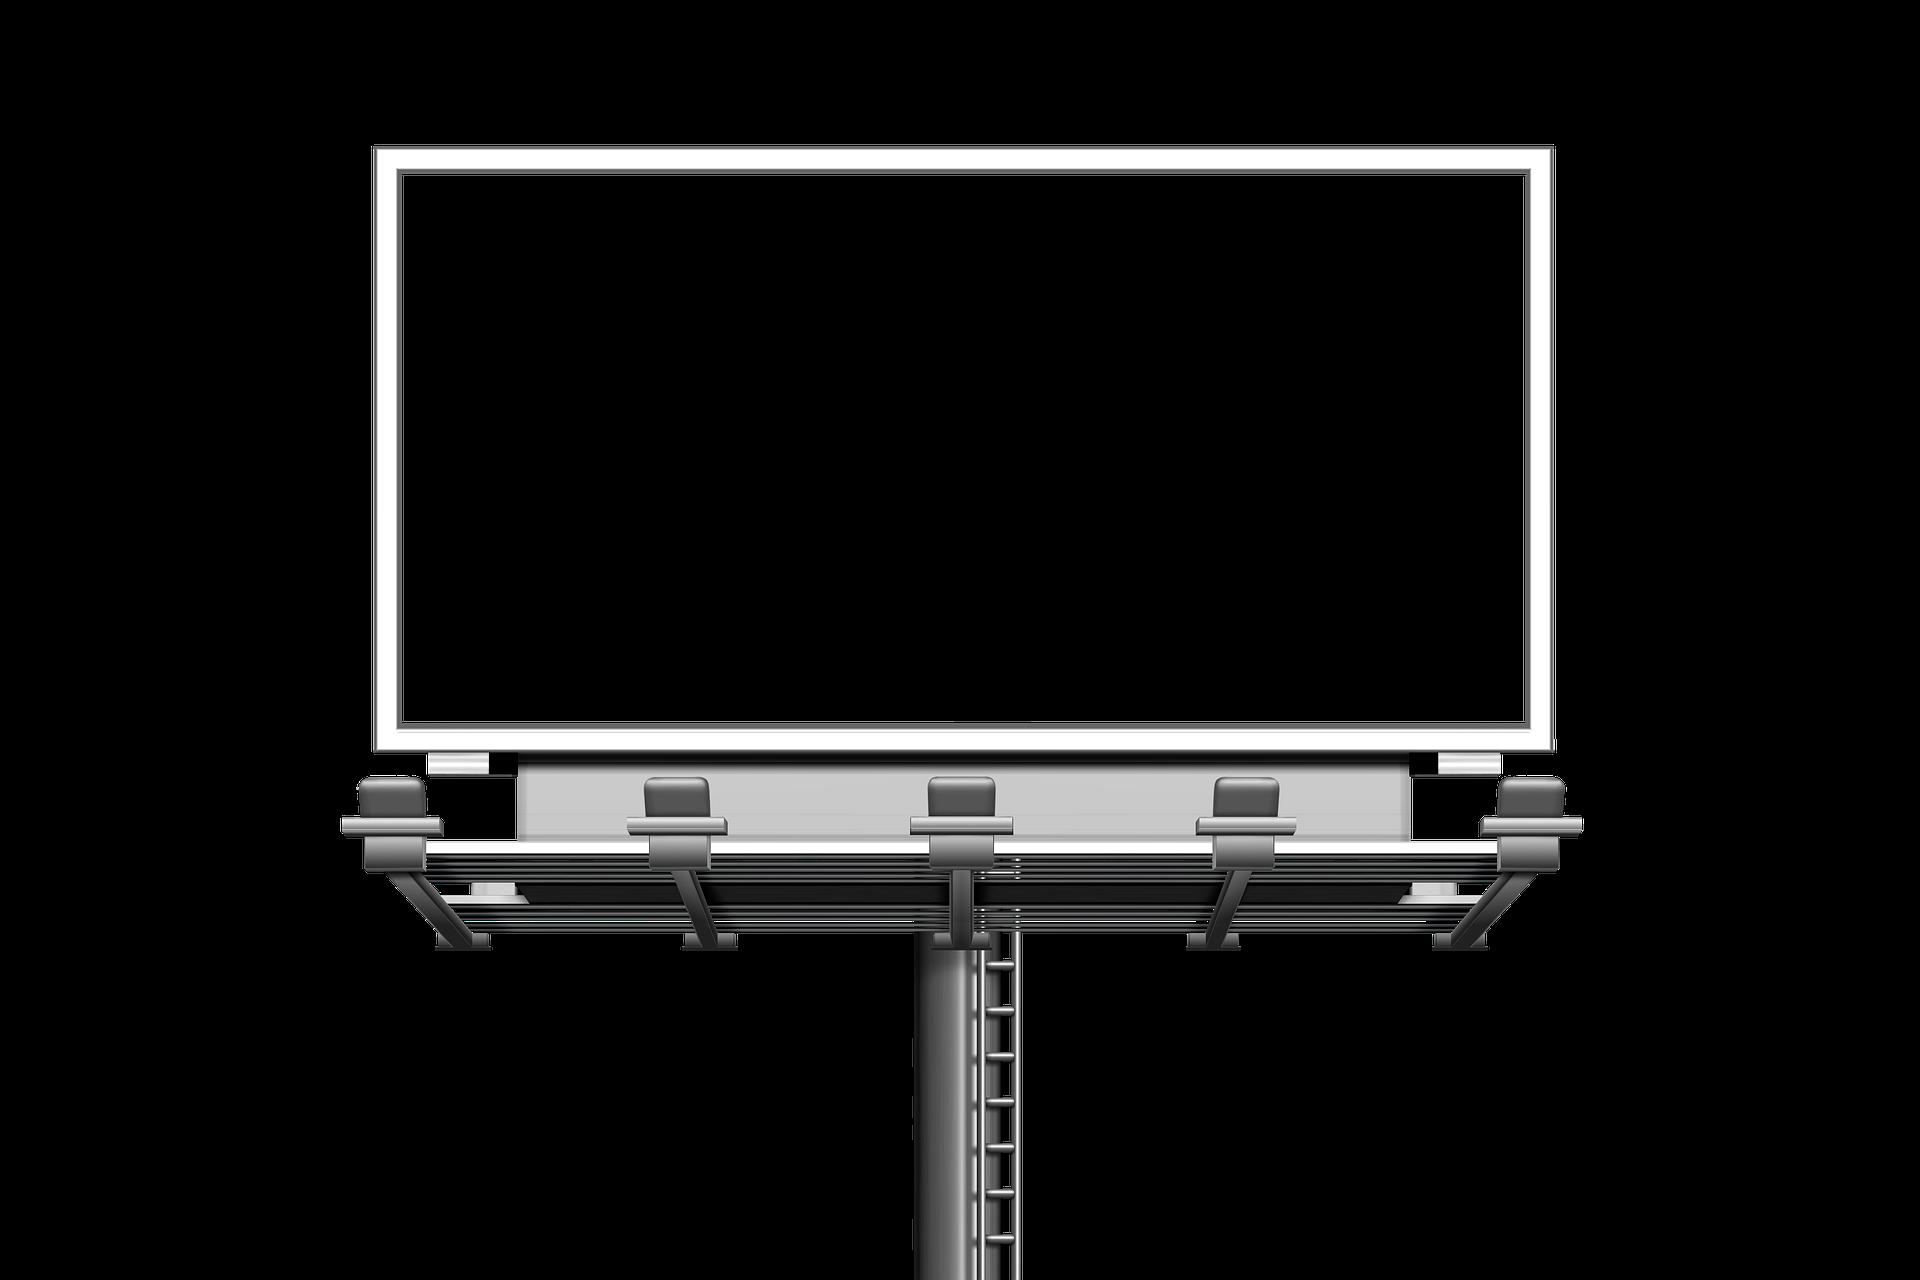 billboard-2766064_1920